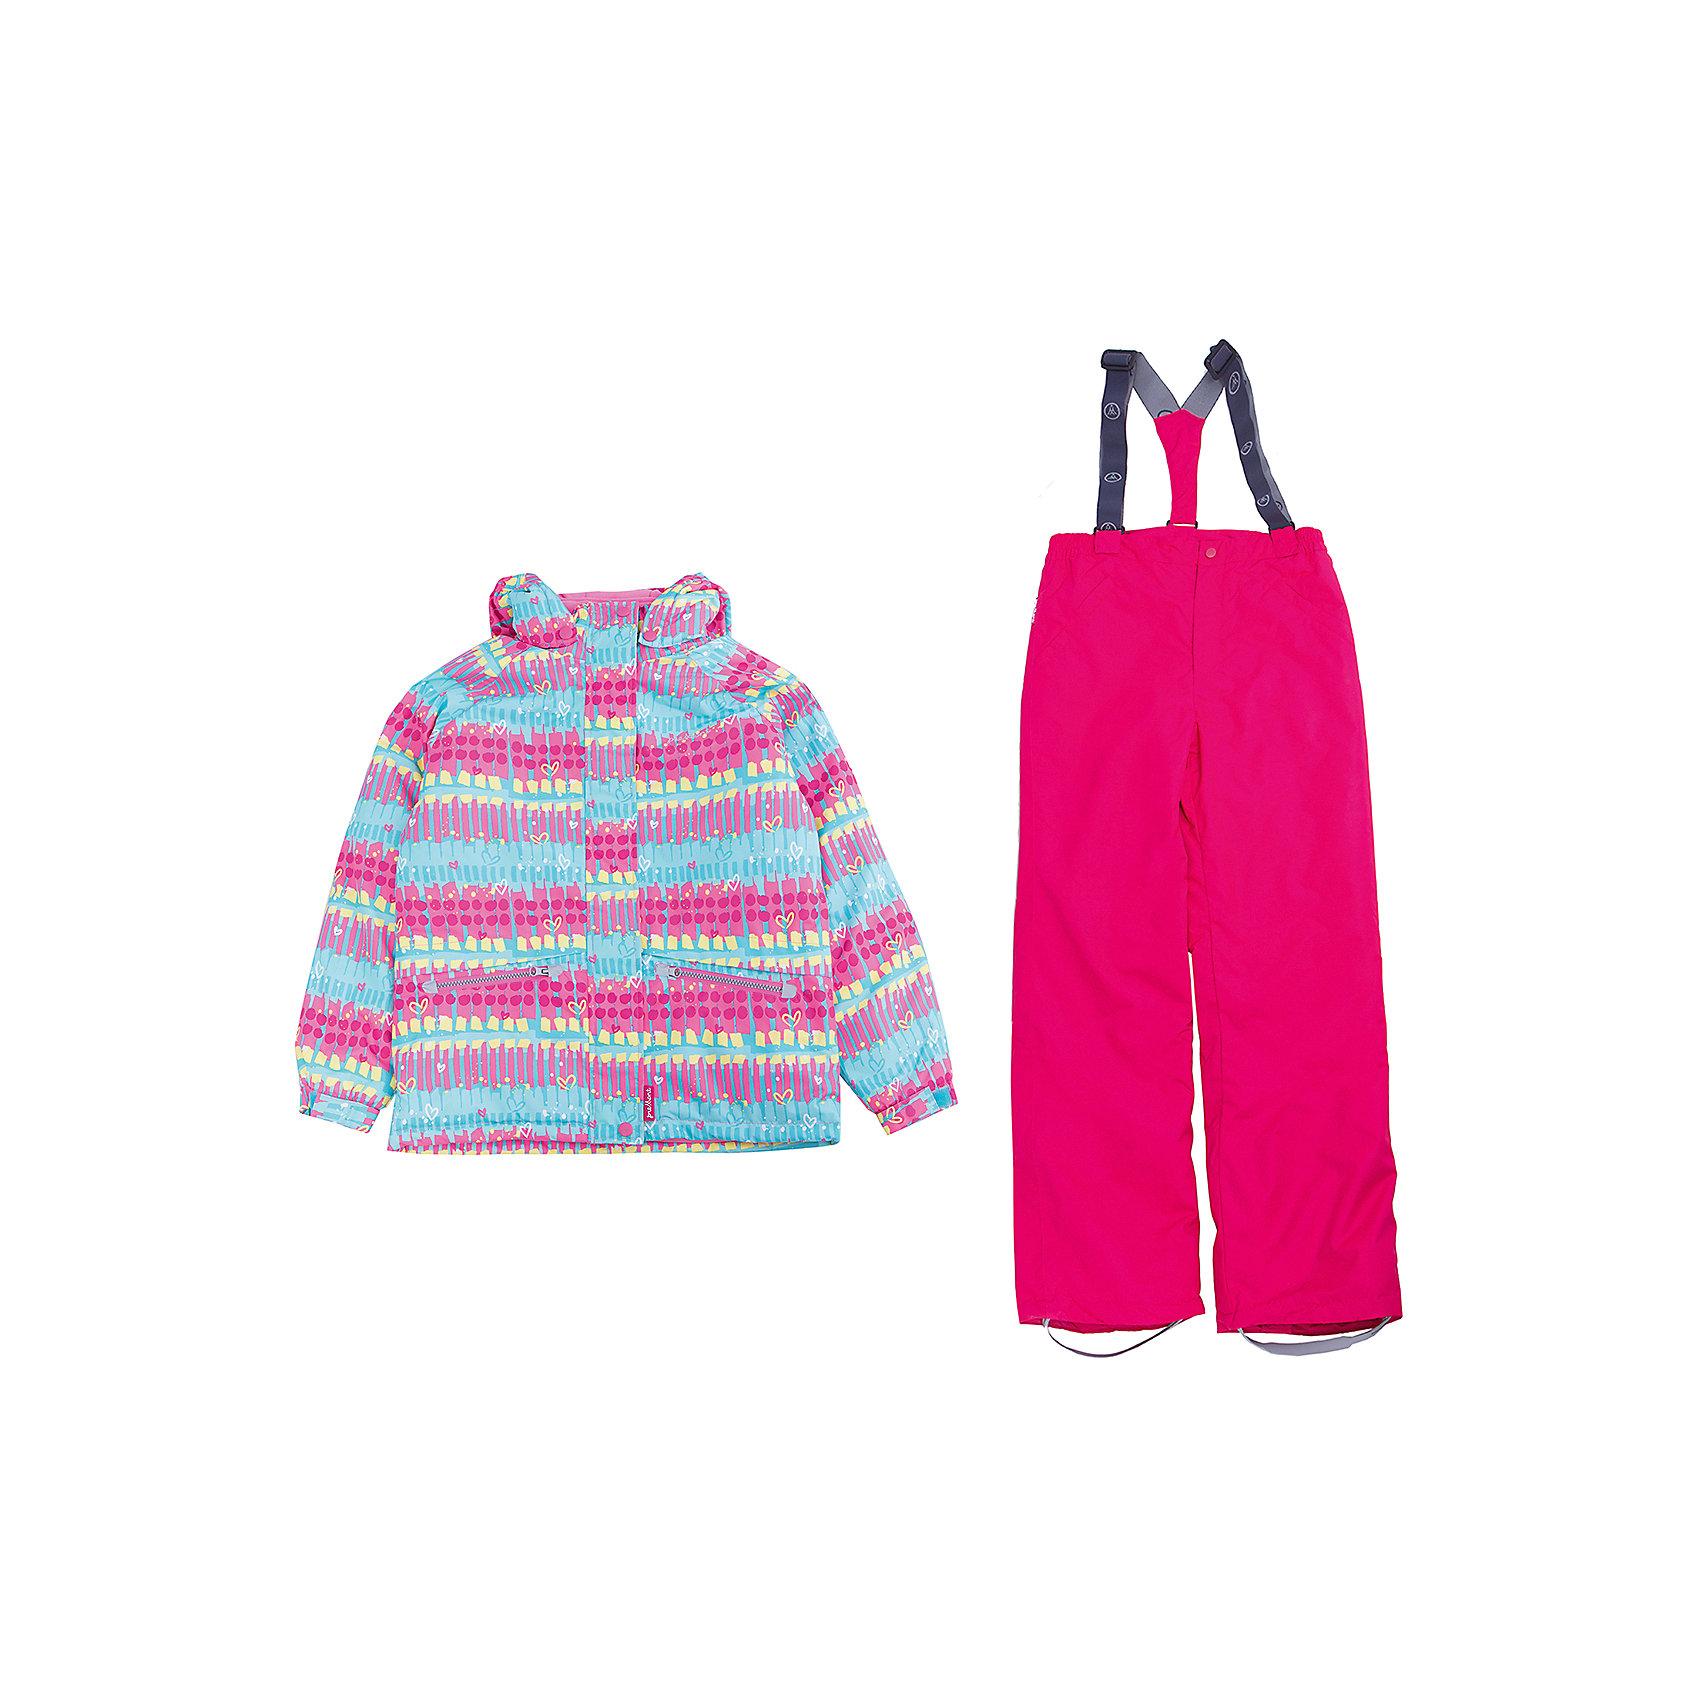 Комплект: куртка и полукомбинезон для девочки PremontВерхняя одежда<br>Характеристики товара:<br><br>• цвет: розовый<br>• состав: мембрана 3000мм/3000г/м2/24h<br>• подкладка: трикотаж, Taffeta<br>• утеплитель - Tech-polyfill (120г/м2)<br>• светоотражающие элементы<br>• температурный режим: от -5°С до +10°С<br>• застежка - молния<br>• капюшон съемный<br>• принт<br>• ветронепроницаемый, водо- и грязеотталкивающий и дышащий материал<br>• эластичные манжеты<br>• регулируемые подтяжки<br>• комфортная посадка<br>• страна бренда: Канада<br><br>Демисезонный комплект из куртки и брюк - универсальный вариант и для прохладной осени, и для первых заморозков. Эта модель - модная и удобная одновременно! Куртка отличается стильным ярким дизайном. Комплект хорошо сидит по фигуре, отлично сочетается с различной обувью. Вещь была разработана специально для детей.<br><br>Одежда от канадского бренда Premont уже завоевала популярностью у многих детей и их родителей. Вещи, выпускаемые компанией, качественные, продуманные и очень удобные. Для производства коллекций используются только безопасные для детей материалы.<br><br>Комплект: куртка и полукомбинезон для девочки от бренда Premont можно купить в нашем интернет-магазине.<br><br>Ширина мм: 356<br>Глубина мм: 10<br>Высота мм: 245<br>Вес г: 519<br>Цвет: голубой<br>Возраст от месяцев: 18<br>Возраст до месяцев: 24<br>Пол: Женский<br>Возраст: Детский<br>Размер: 92,152,98,104,110,116,122,128,134,140,146<br>SKU: 5352943